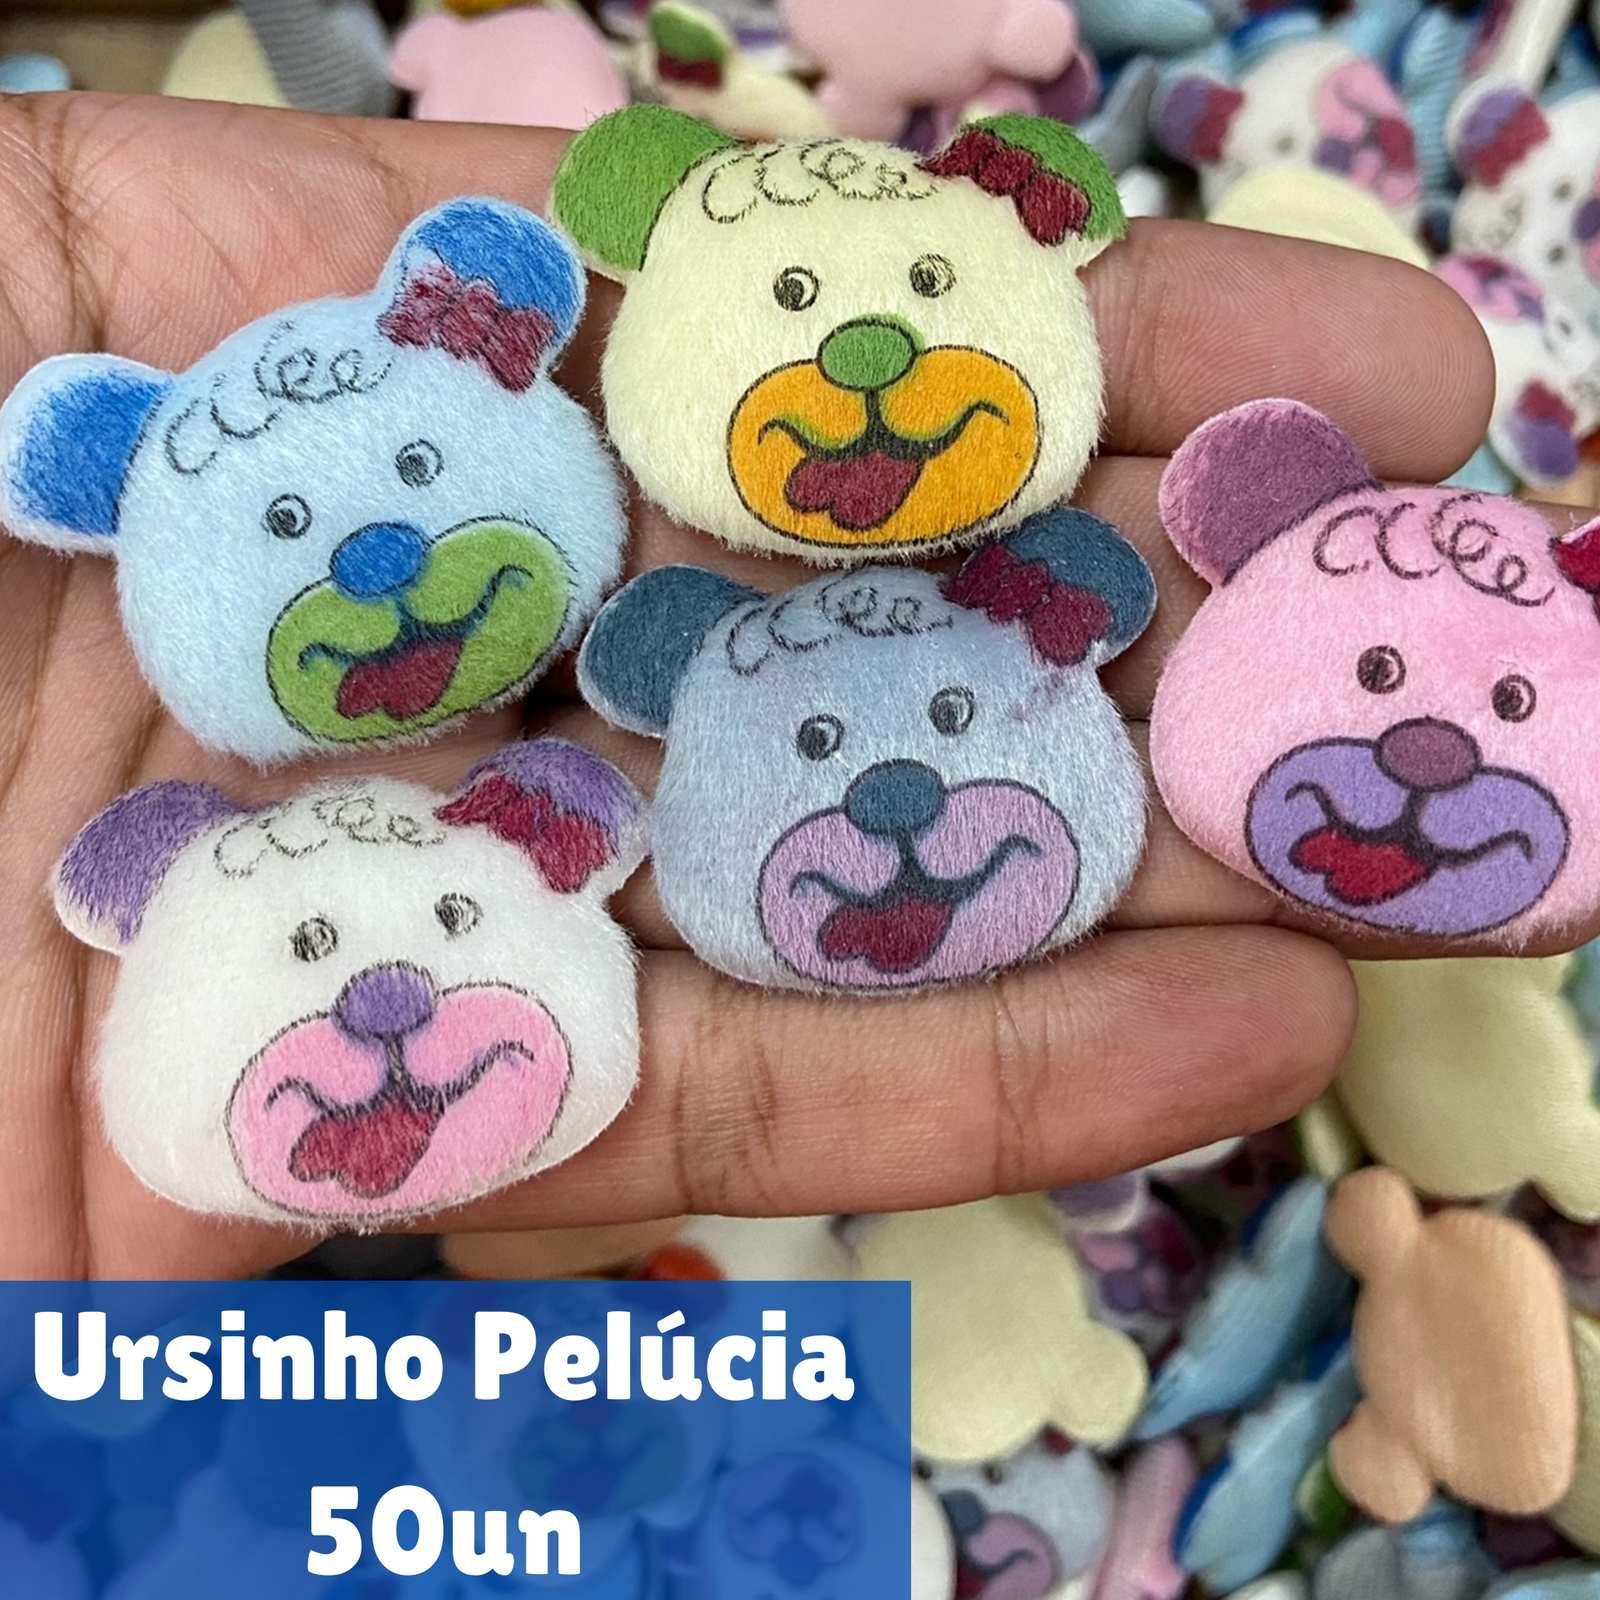 Ursinho Pelúcia - 50 unidades